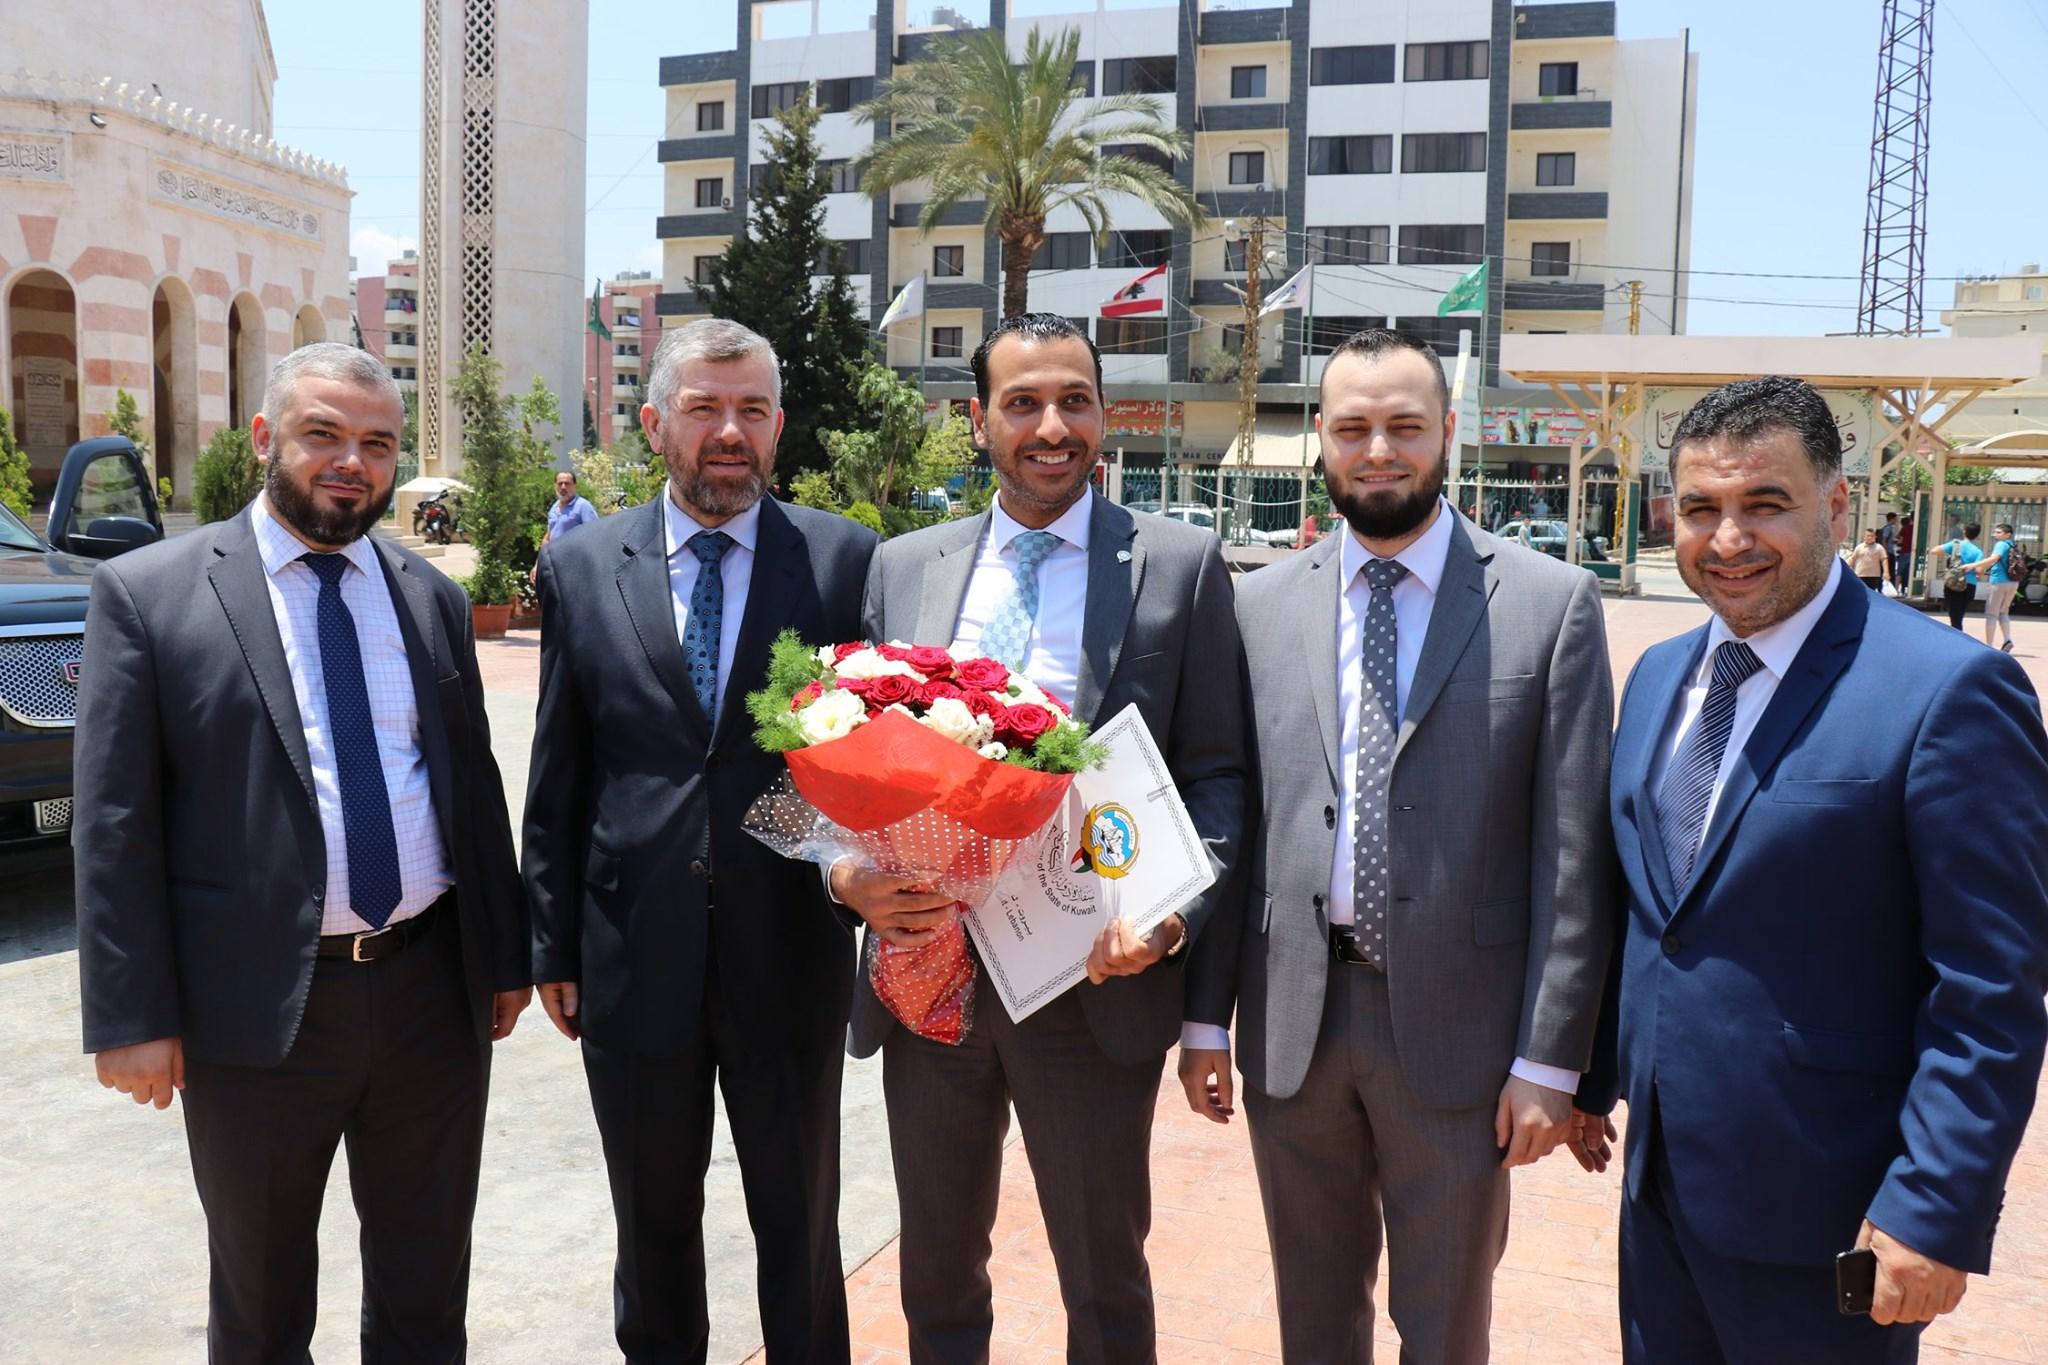 السكرتير الأول في السفارة الكويتية في بيروت يزور مجمع الإصلاح الإسلامي في طرابلس (5/5)